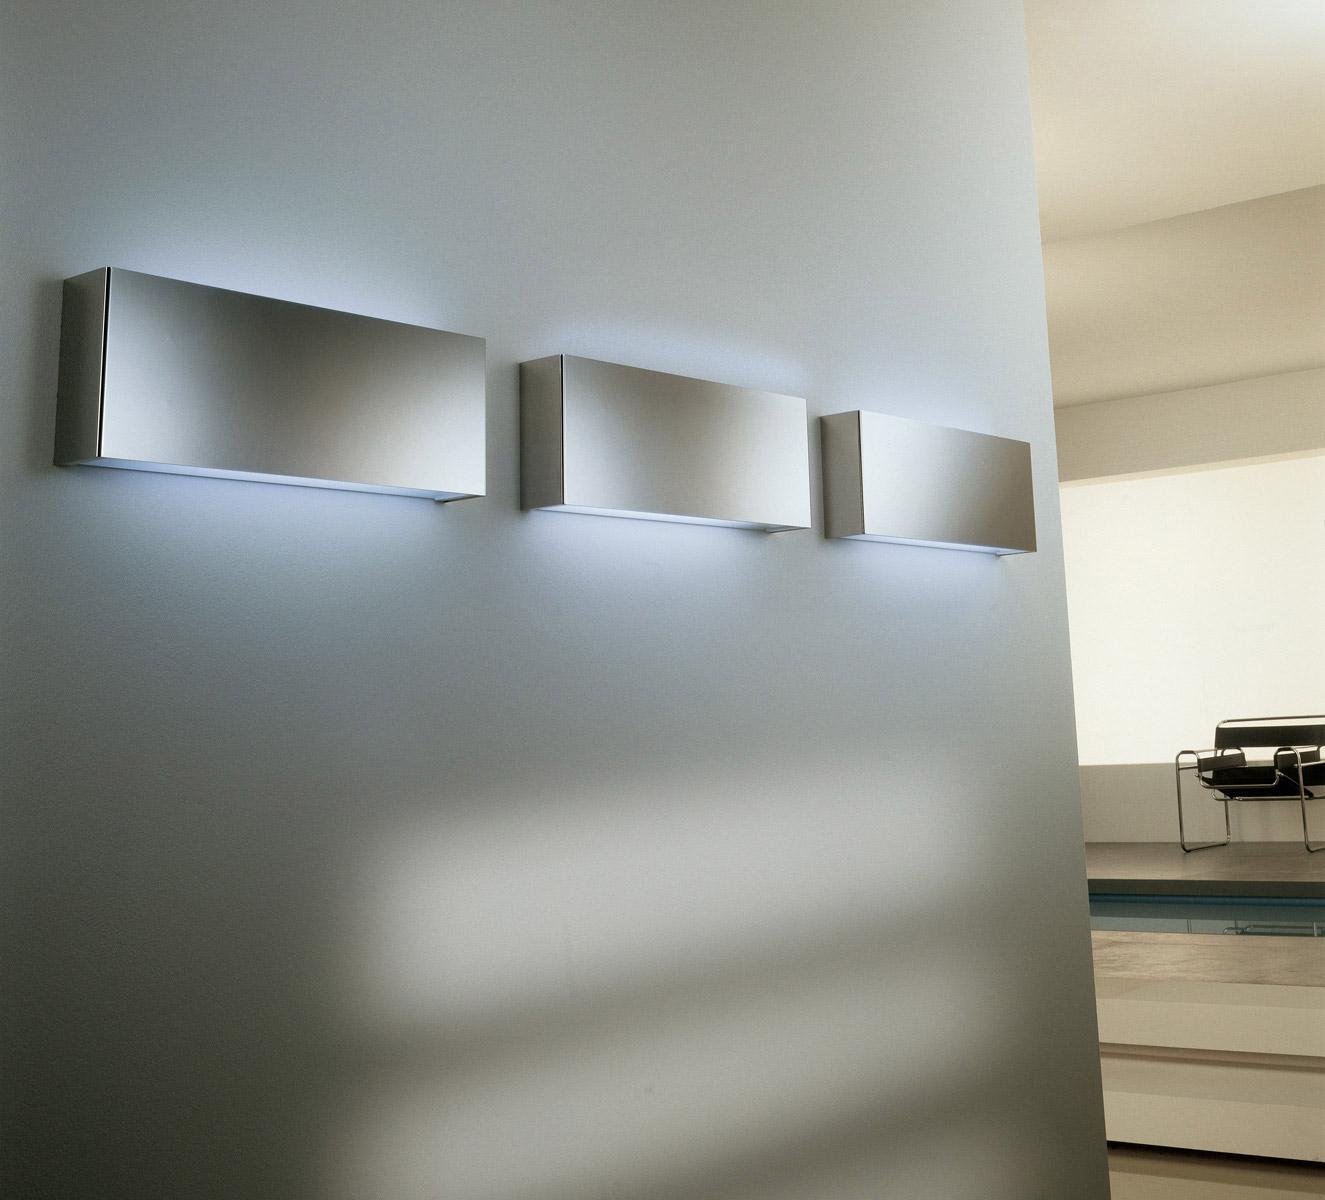 Forum illuminazione soggiorno 3 punti - Rotaliana luci ...